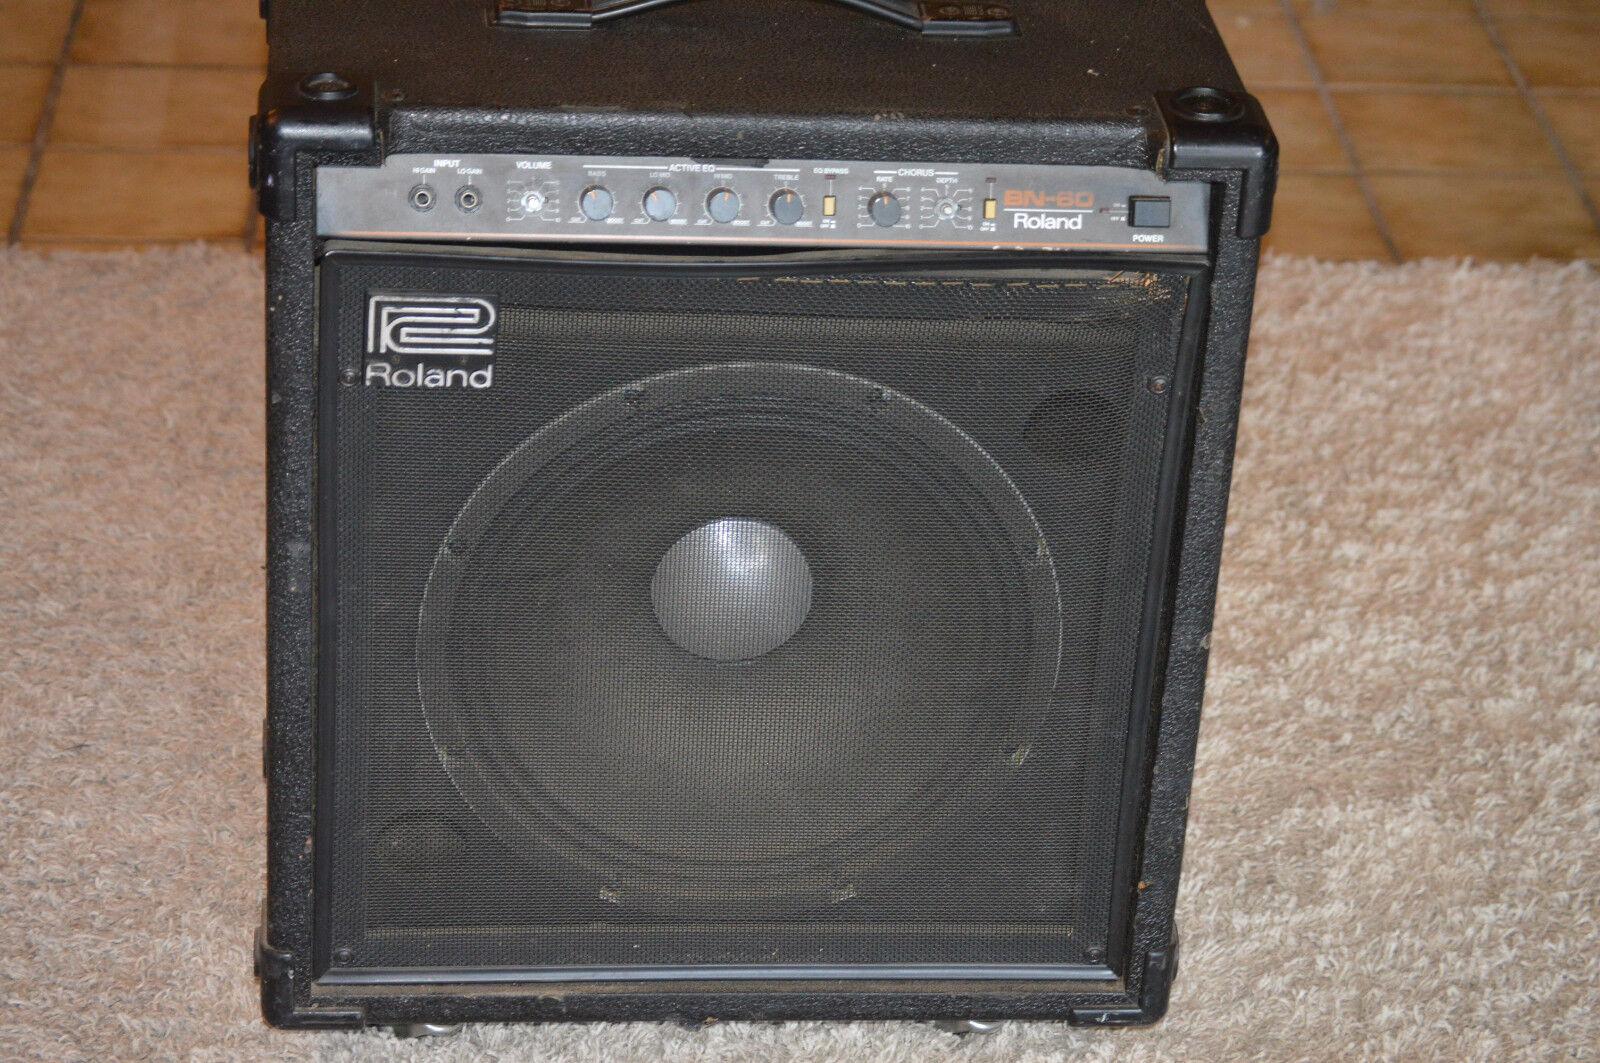 Rara Vintage Roland Amplificadores amplificador amplificador amplificador de audio profesional de música de Guitar amplificador  para mayoristas